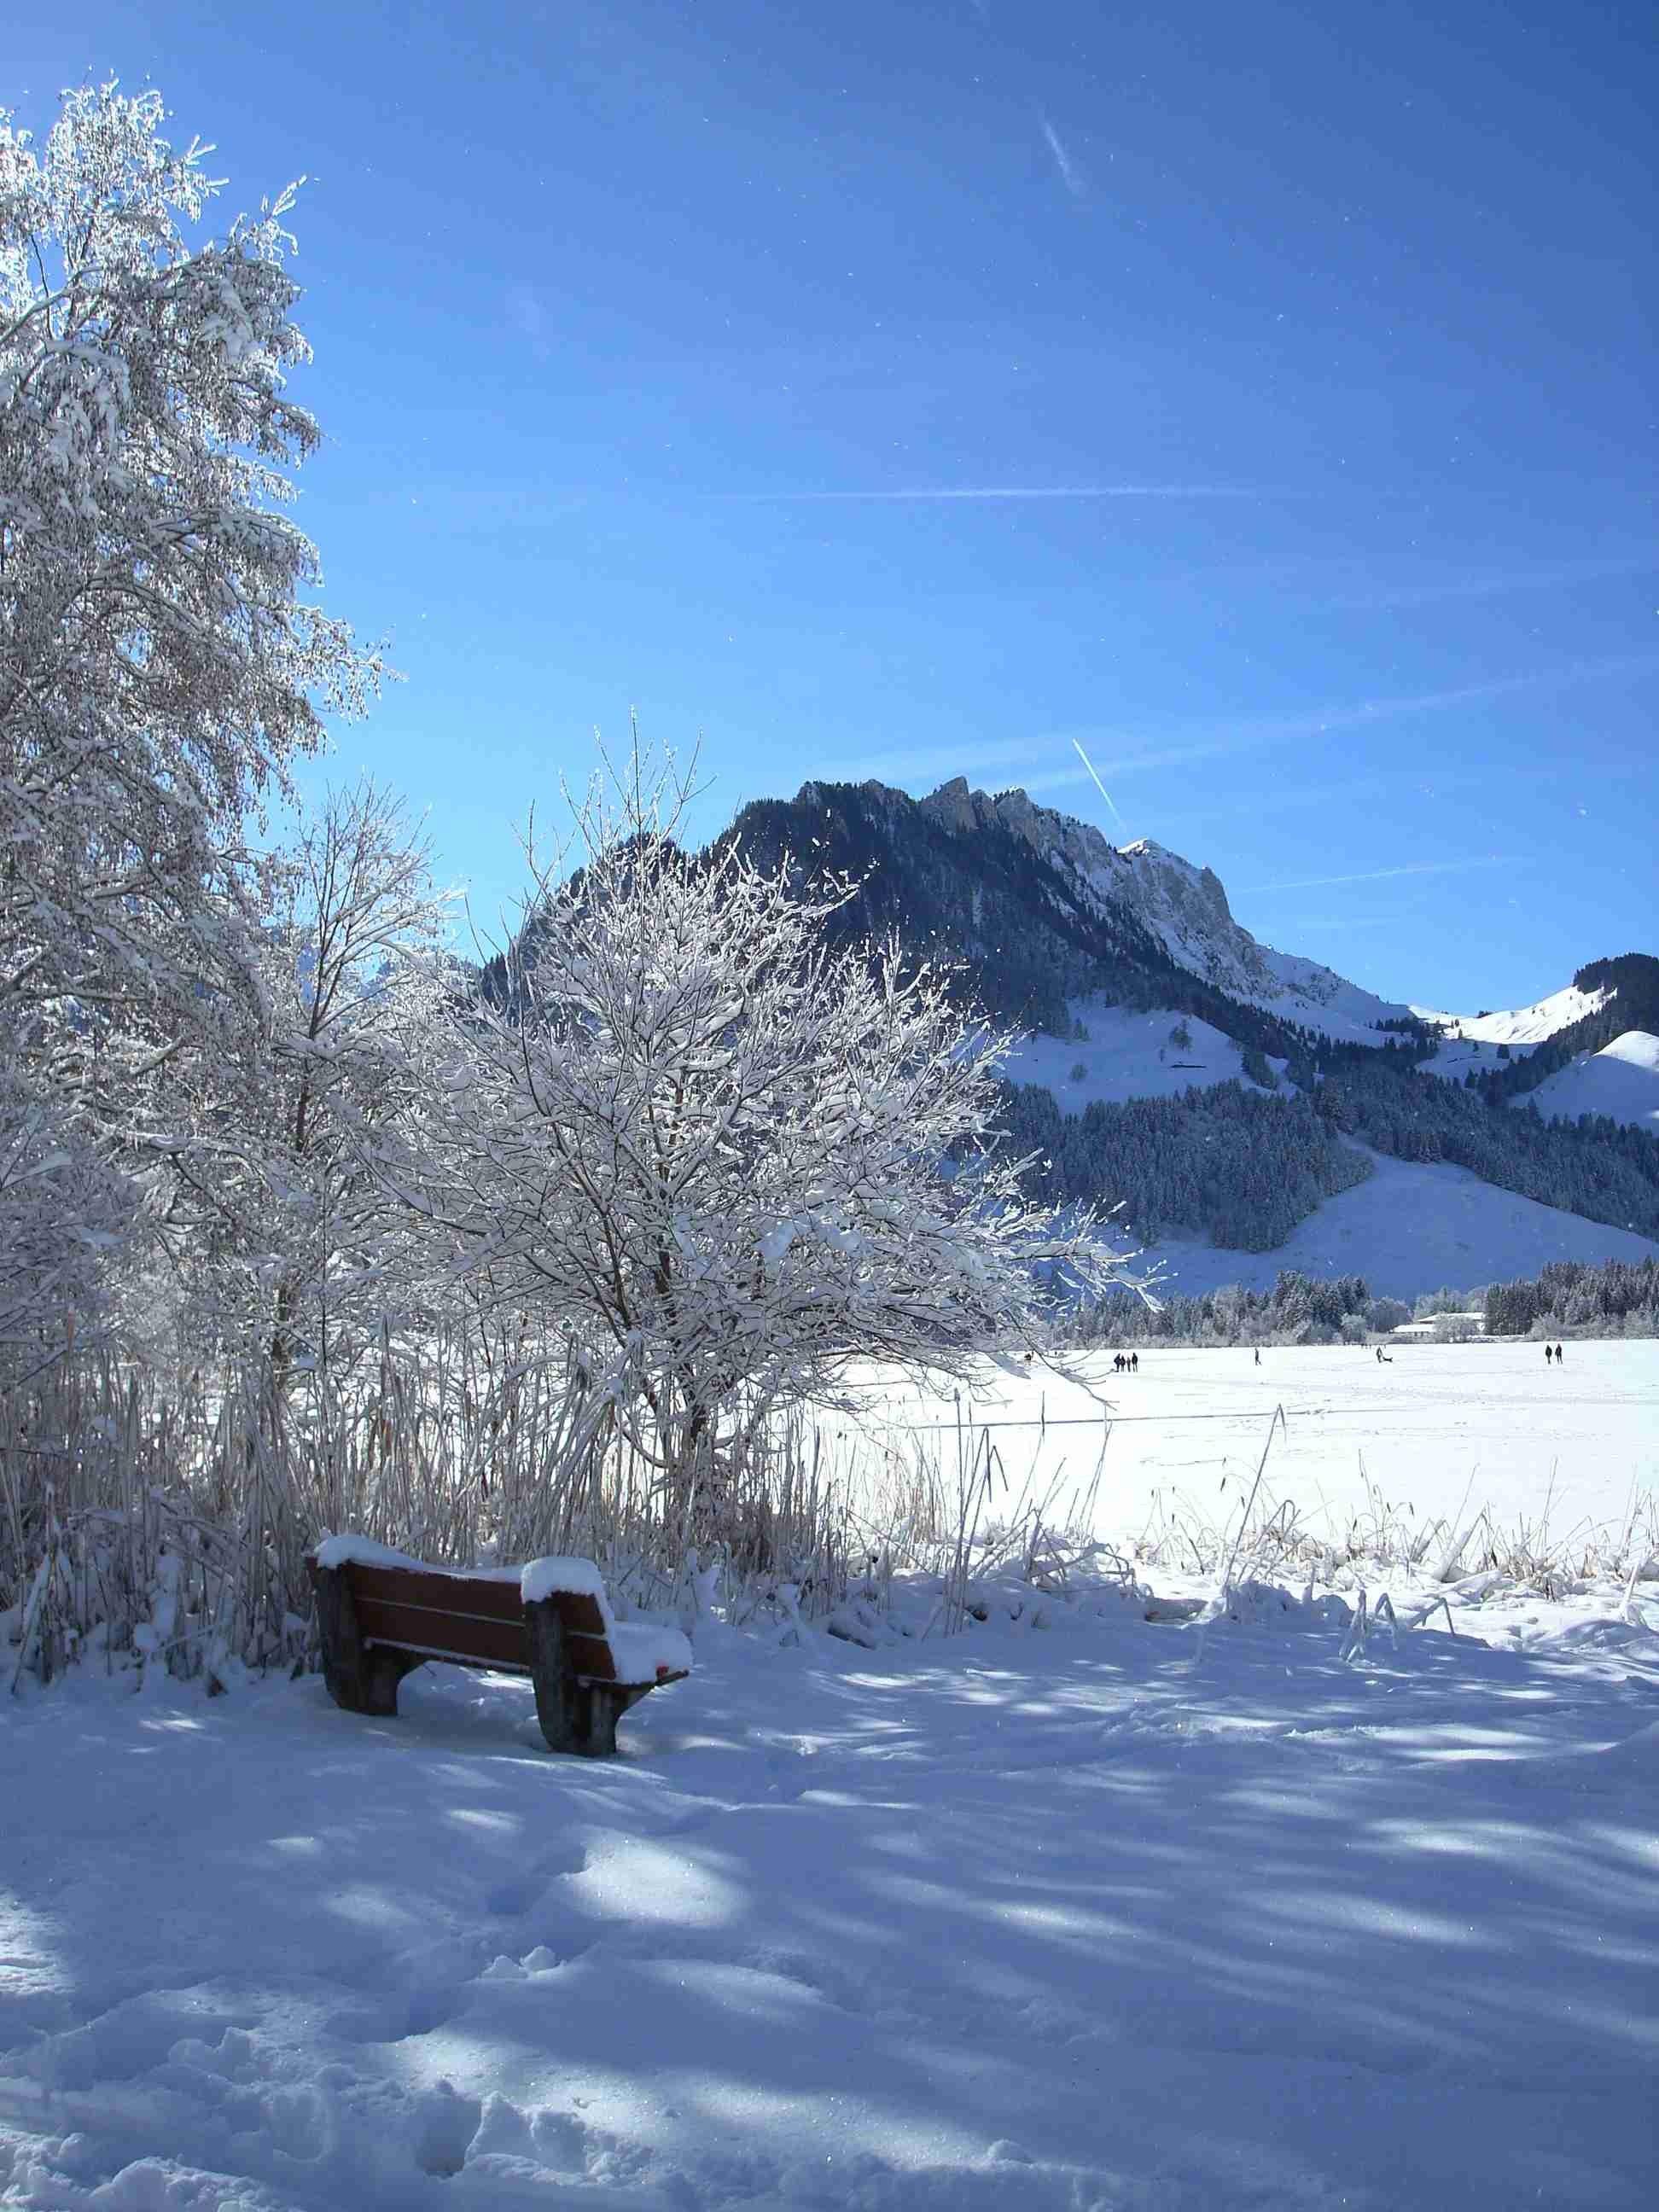 Immagini belle paesaggio natura la neve inverno for Immagini natura gratis